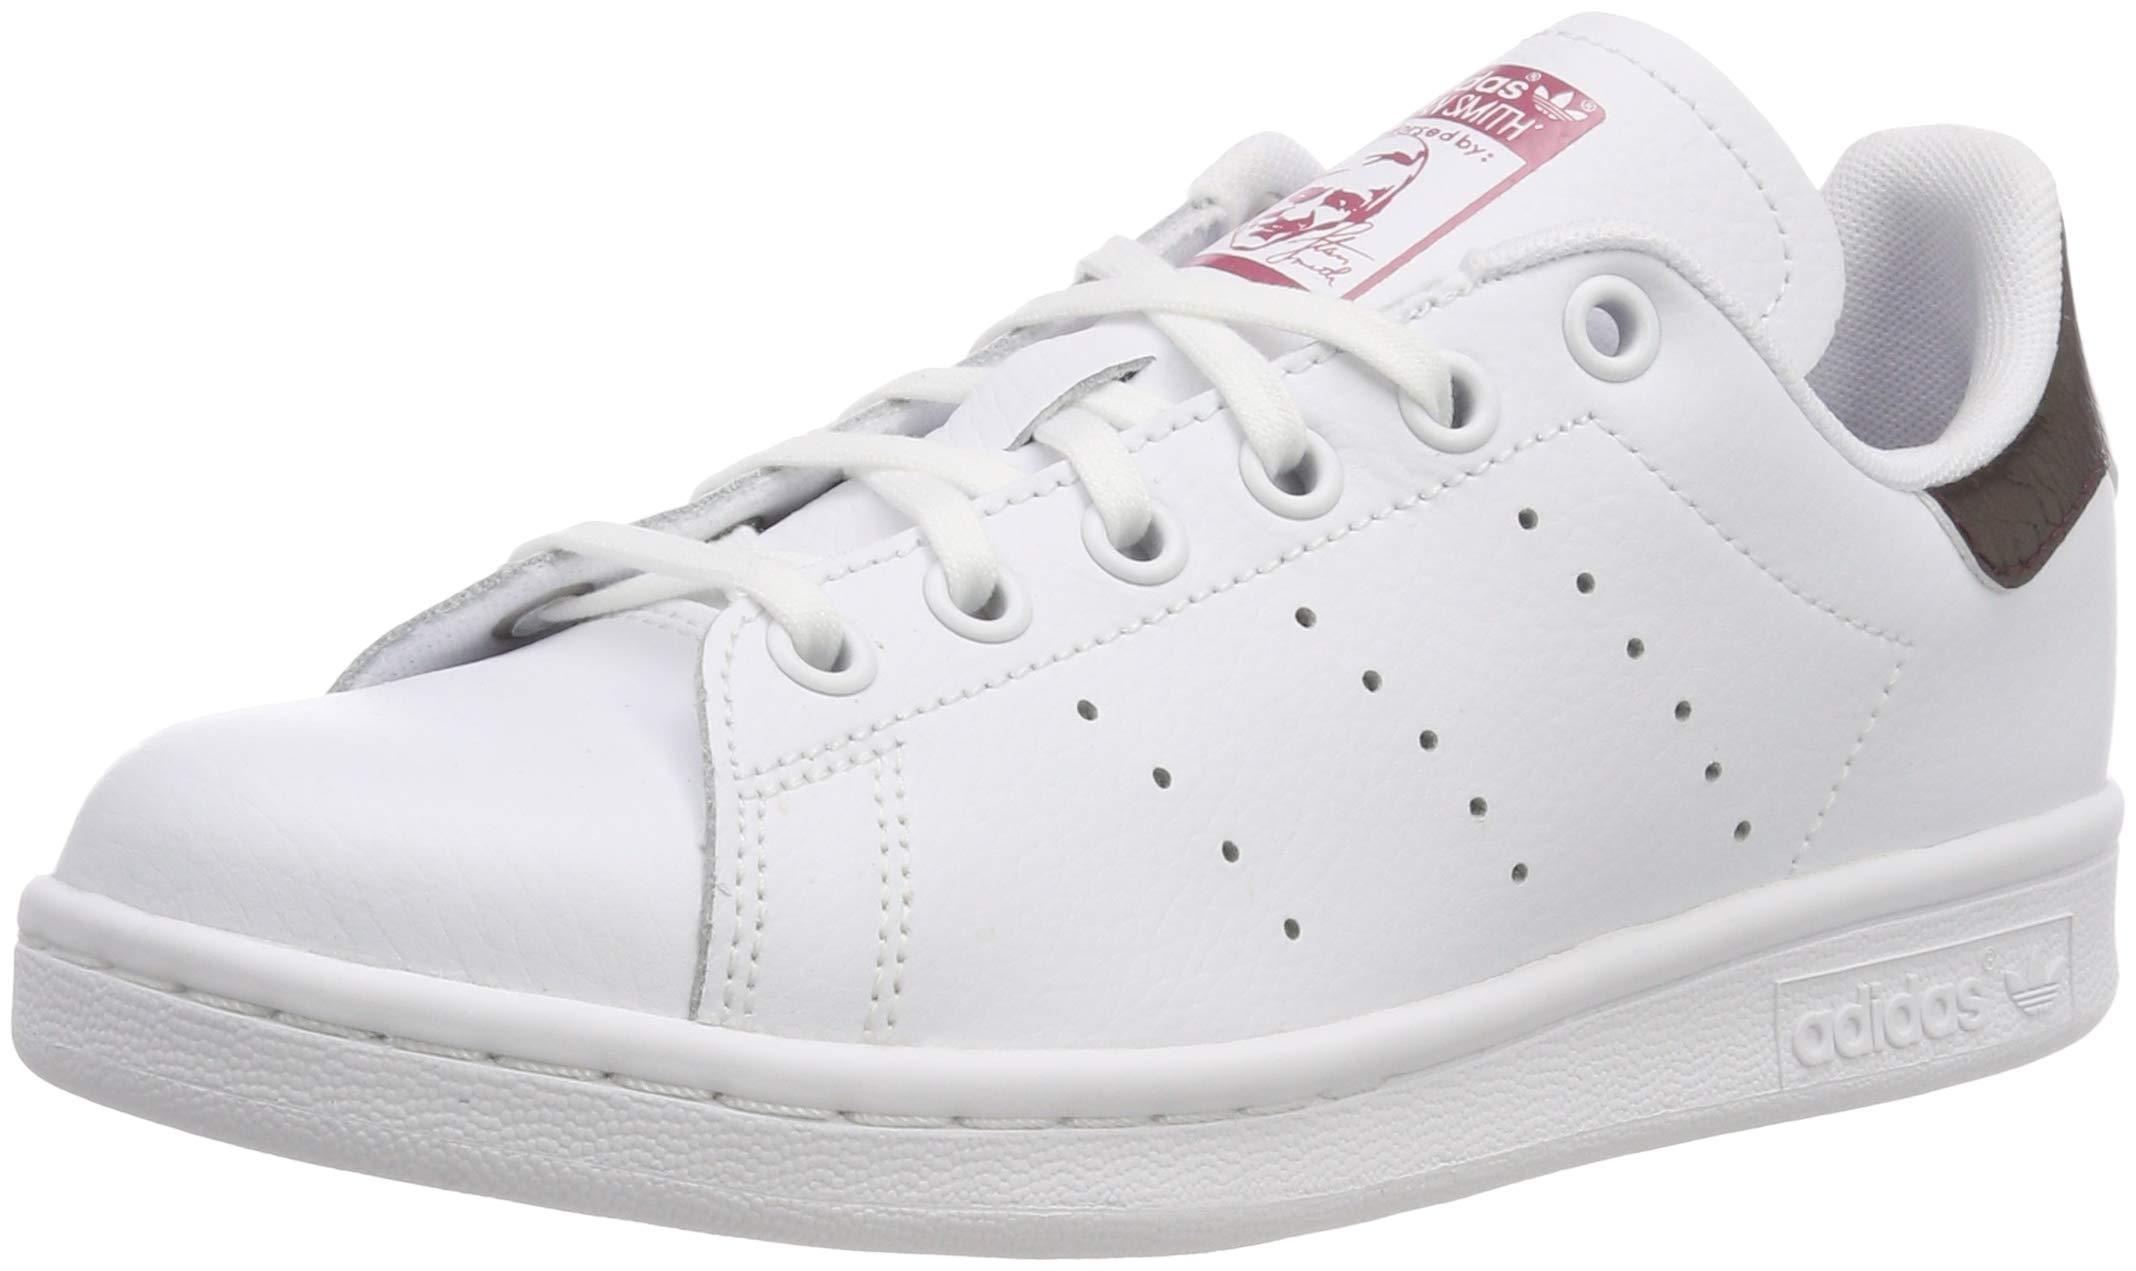 wholesale dealer 2b70f 2a192 adidas Originals Stan Smith Shoes 4.5 B(M) US Women / 3.5 D(M) US  Ftwwht/ftwwht/Tramar